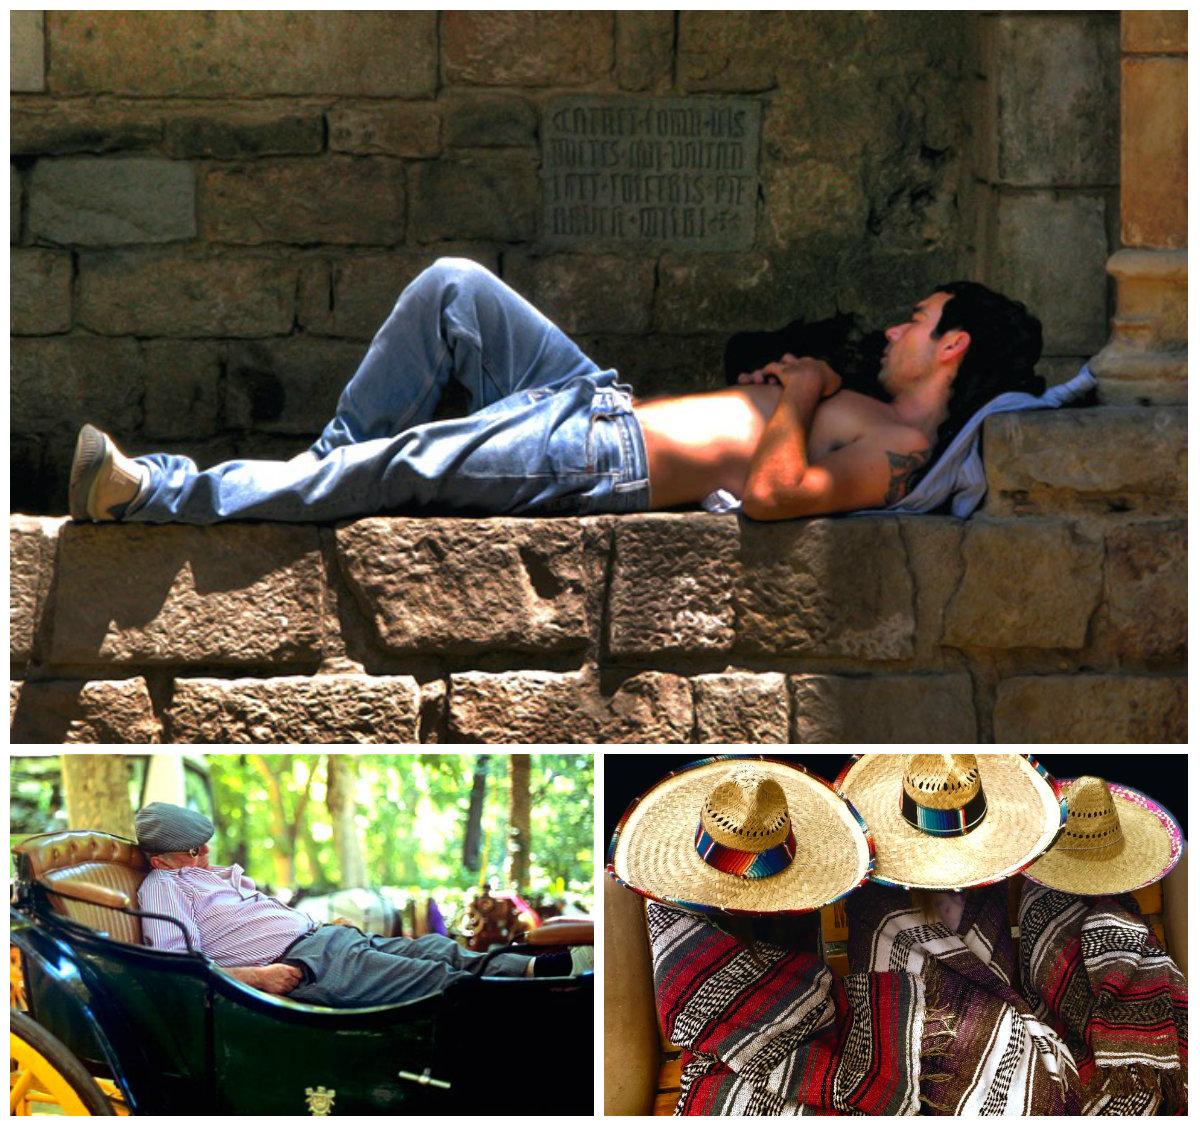 Сиеста - дневной сон для испанцев